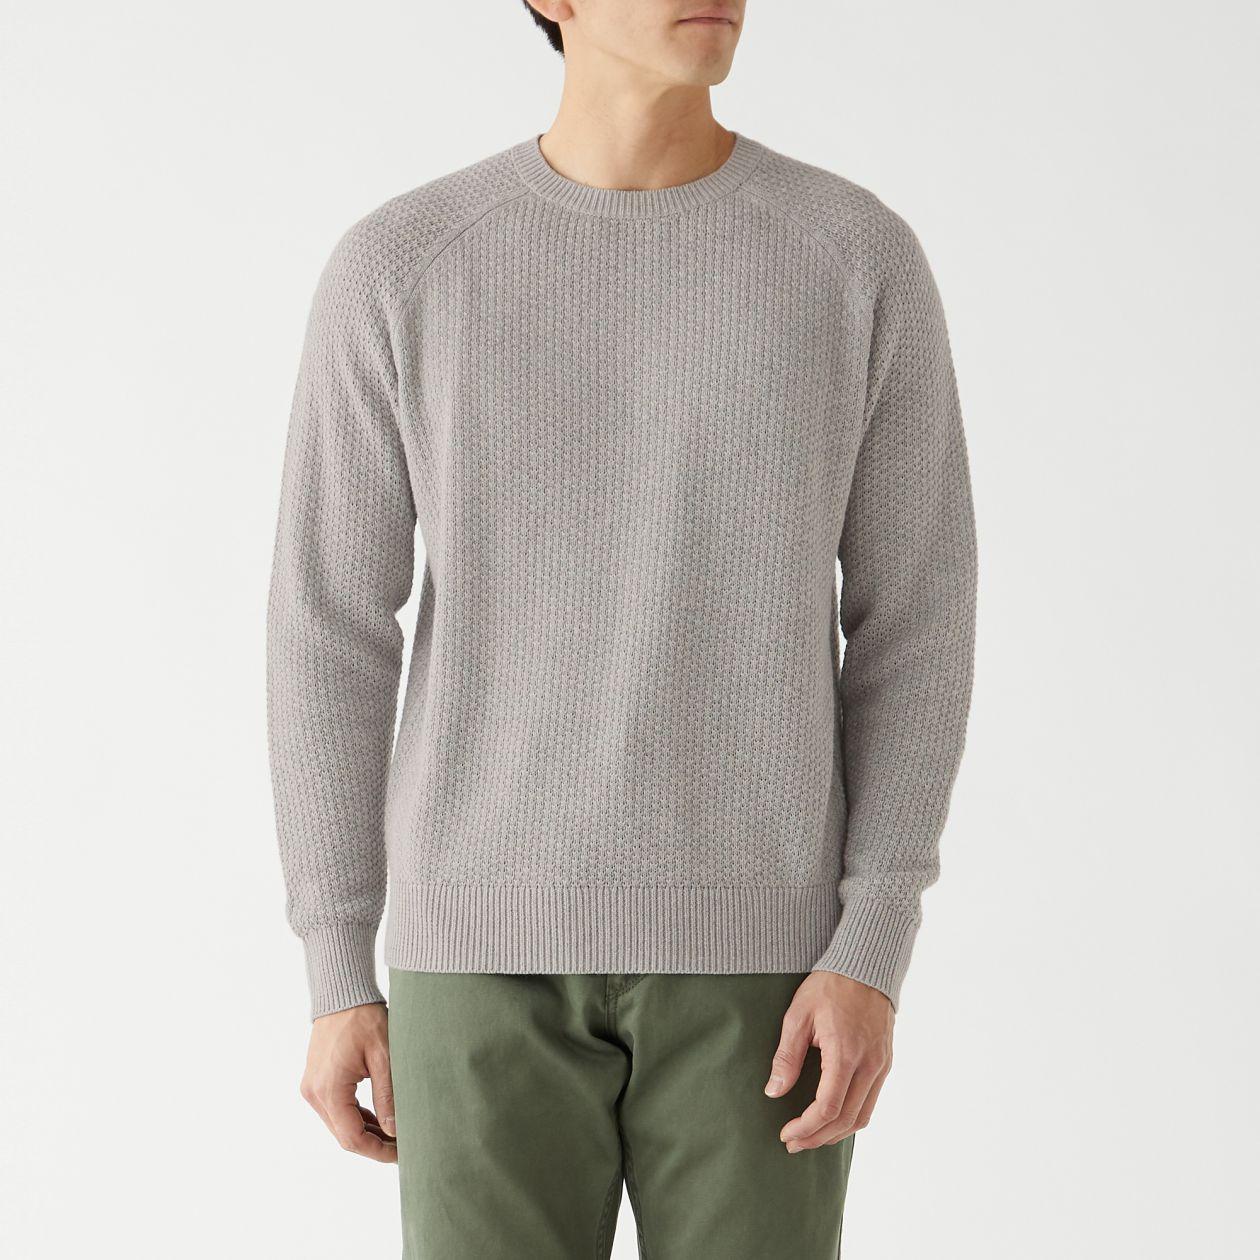 鹿の子編みクルーネックセーター